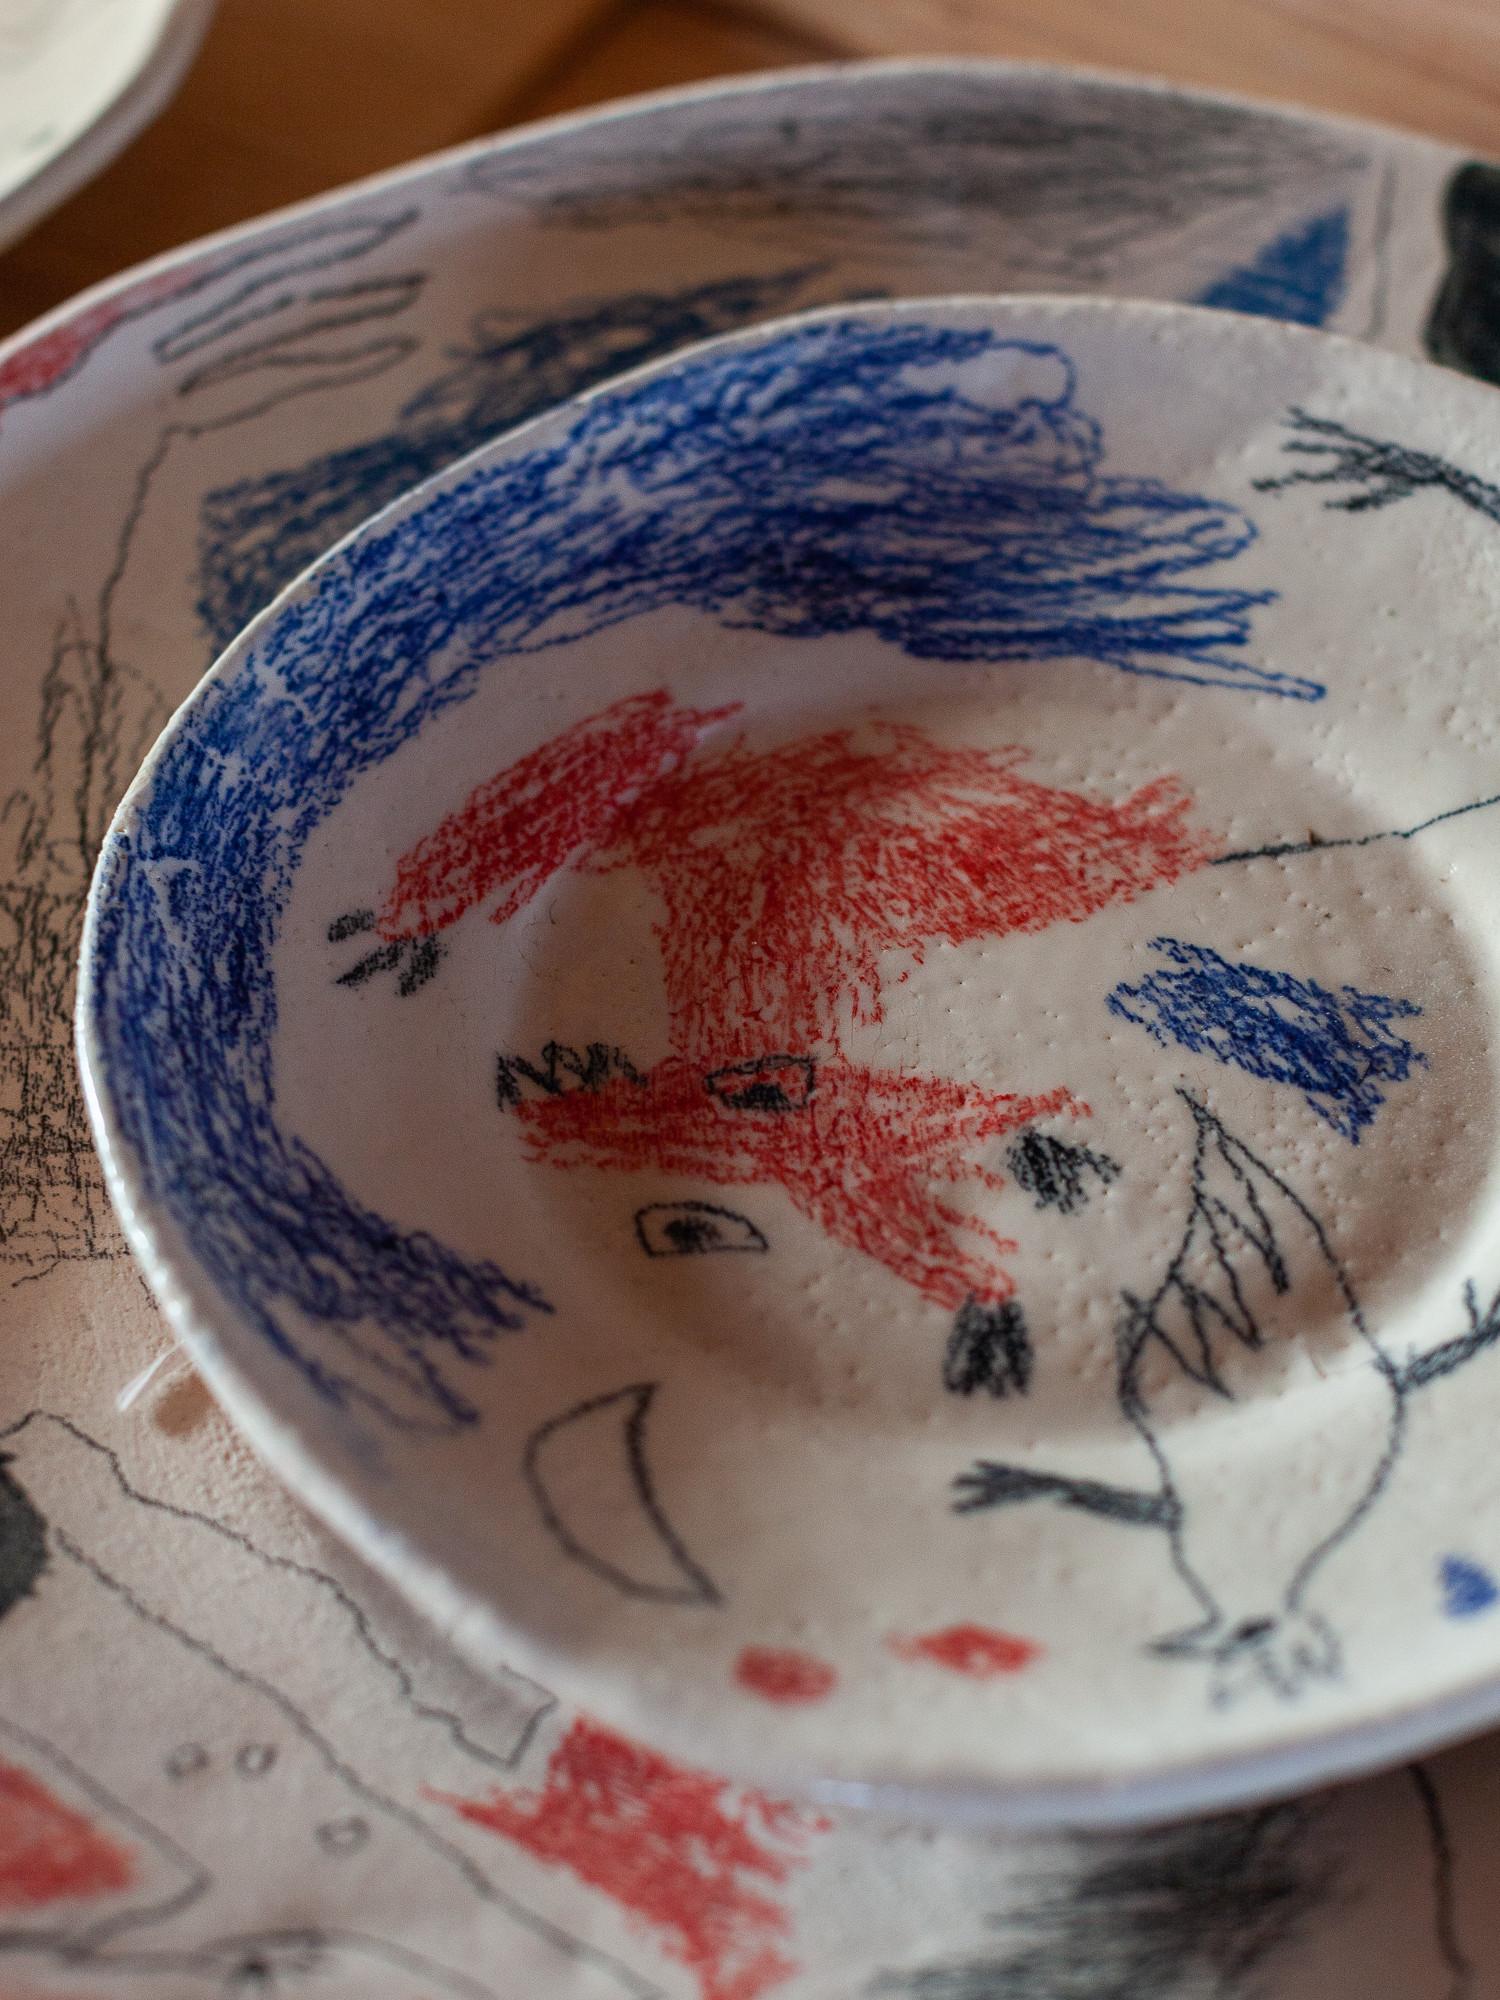 ВАРЯ: Соня лепит тарелки вручную. Отталкиваясь от фактуры и линий на каждой тарелке, я рисую разные образы. Мы думали заливать тарелки в формы, чтобы увеличить тираж и сделать их доступнее. Но отошли от этой идеи. Потому что на рынках и так куча вещей производится и без нас. А я все же хочу, чтобы каждая тарелка была уникальна и воспринималась как объект. Мне нравится, когда материал диктует свои правила и помогает сформировать образы. А если заливать вещи, то связь с материалом становится поверхностной.